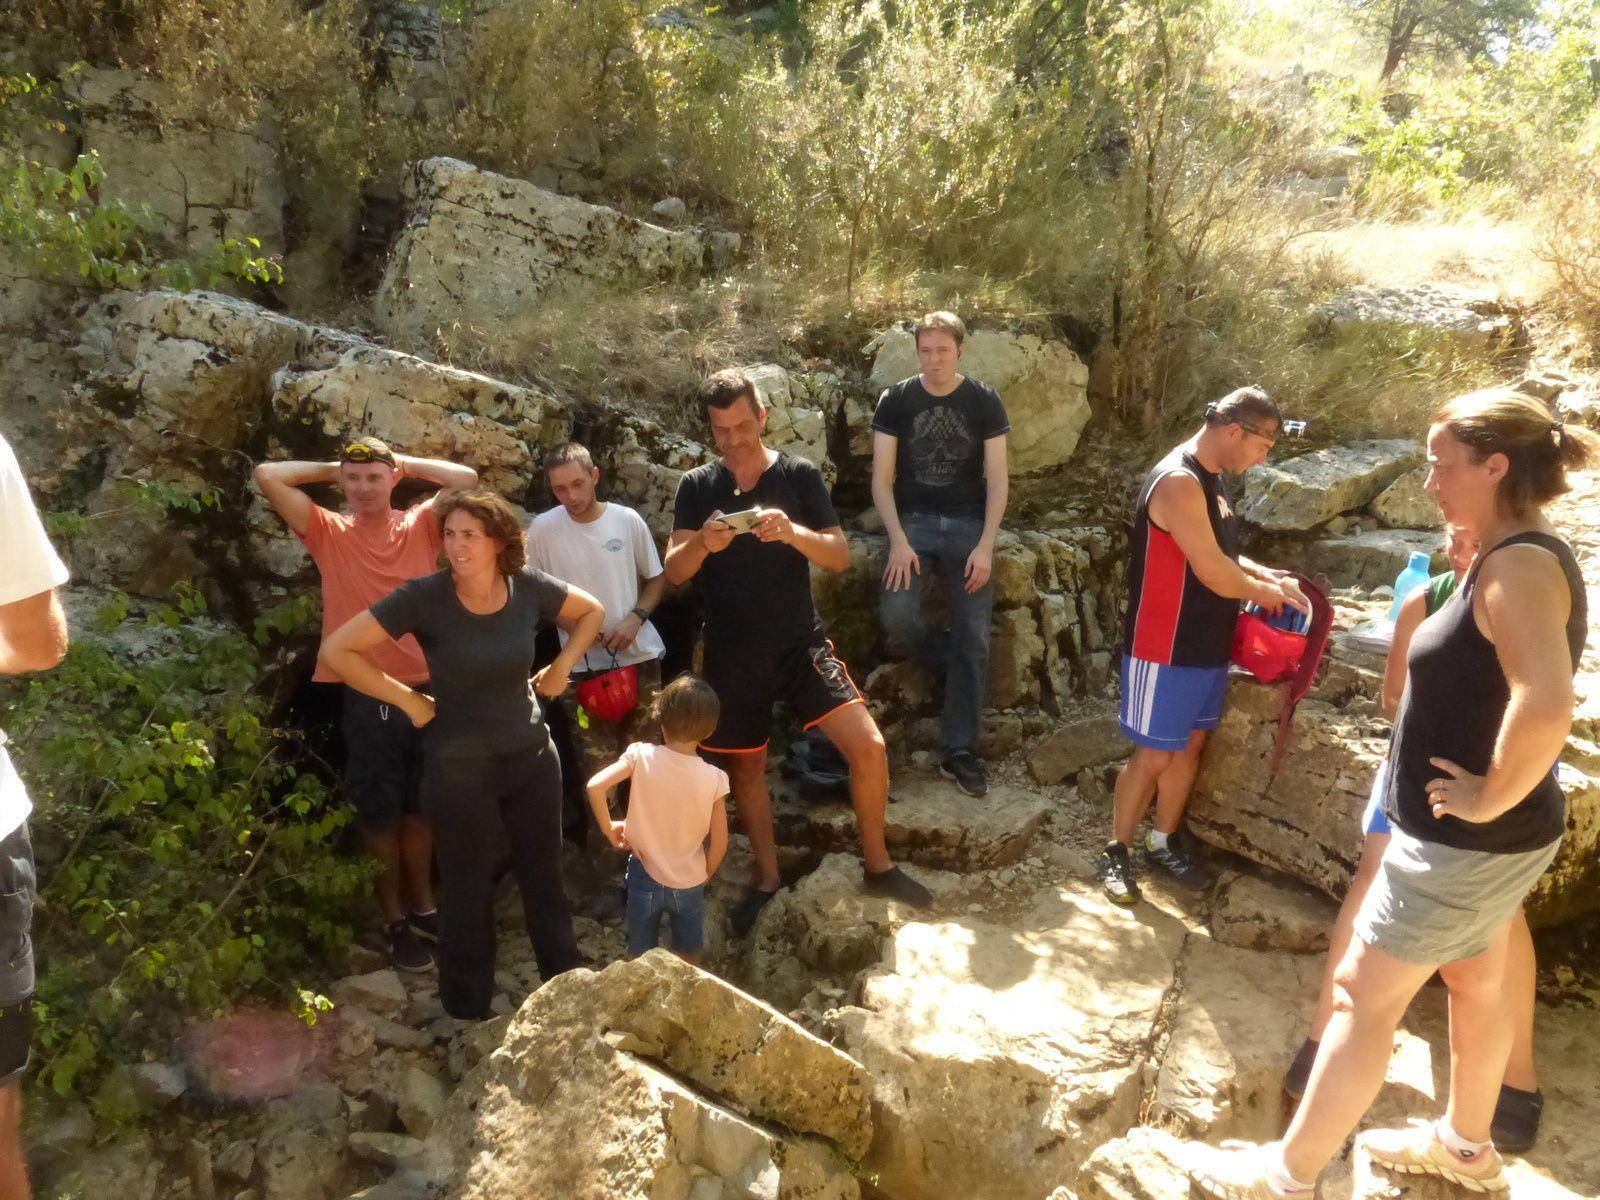 le groupe avant l'entée dans la grotte